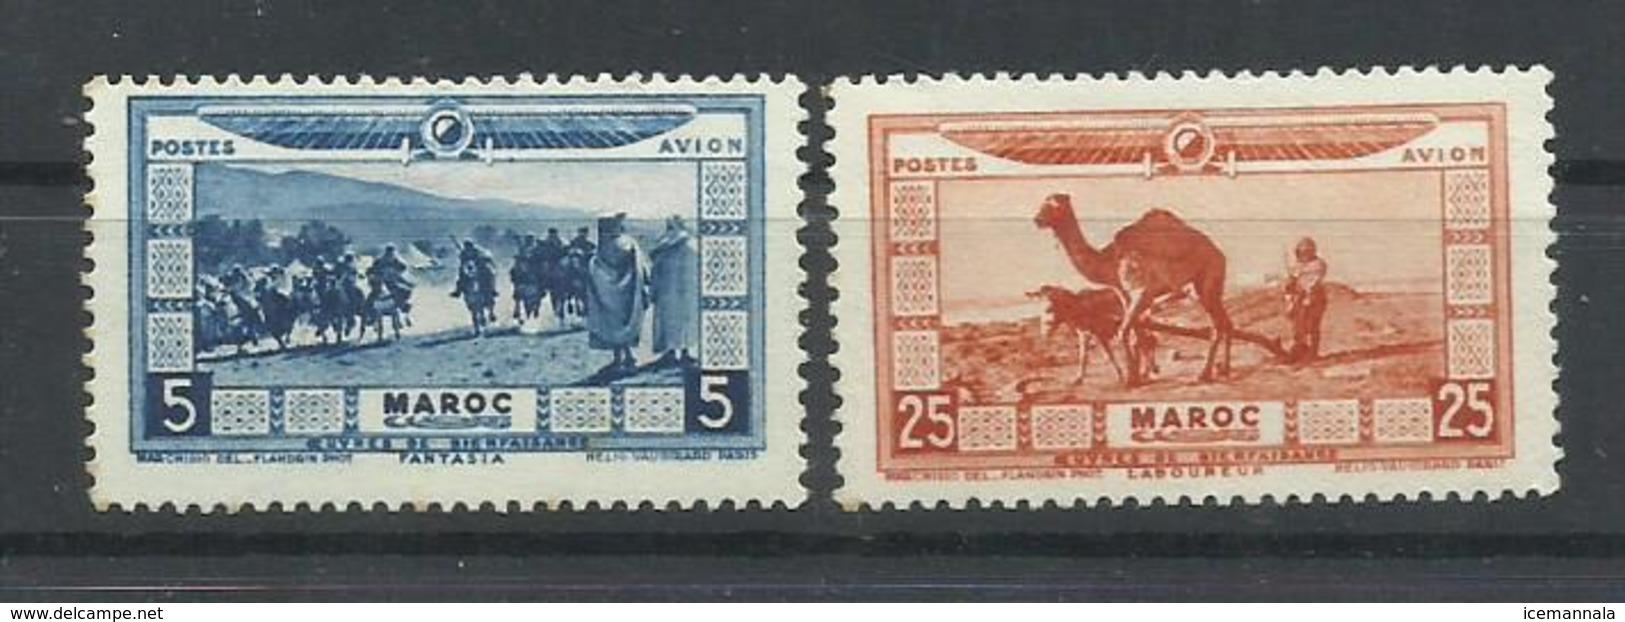 MARRUECOS YVERT AEREO   12/13  MH  * - Marruecos (1891-1956)